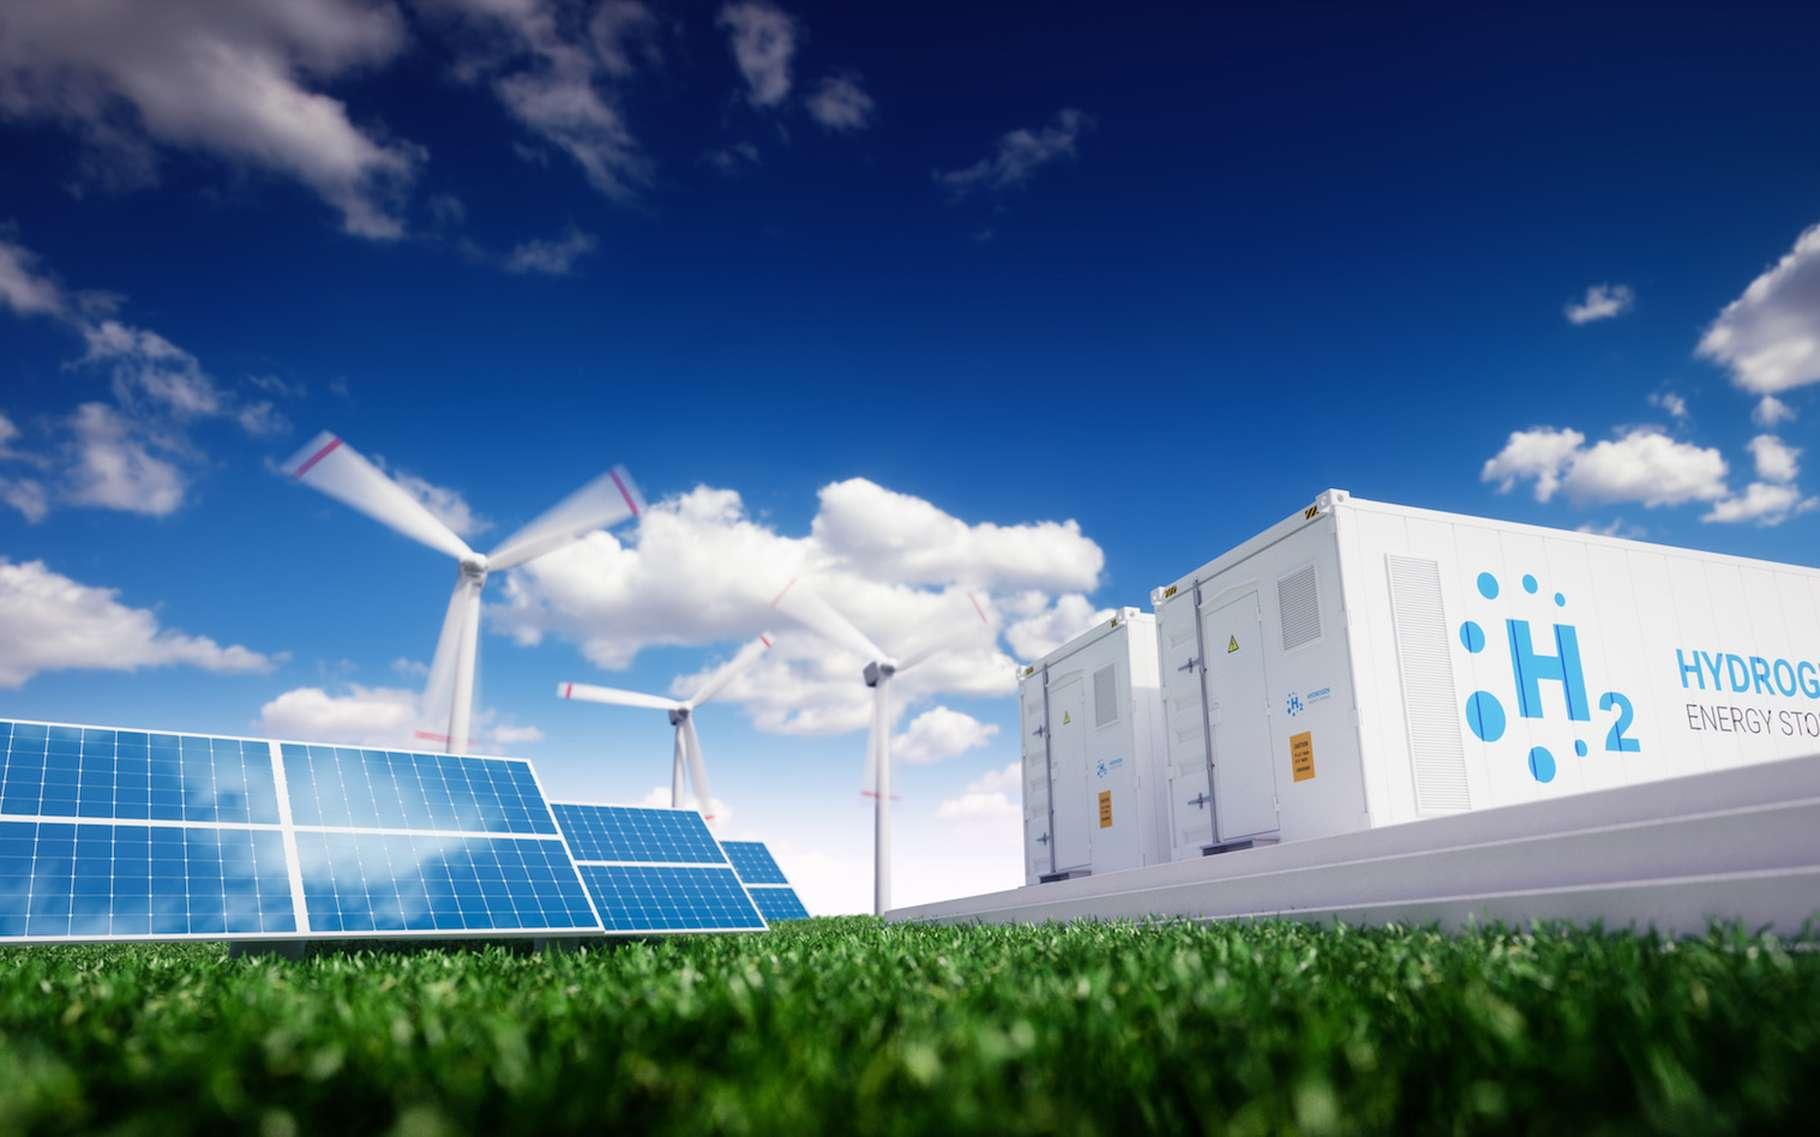 L'hydrogène vert — produit à partir d'eau et d'énergies renouvelables — pourrait occuper une place de choix dans la transition énergétique et dans notre effort de réduire notre empreinte écologique. © malp, Fotolia